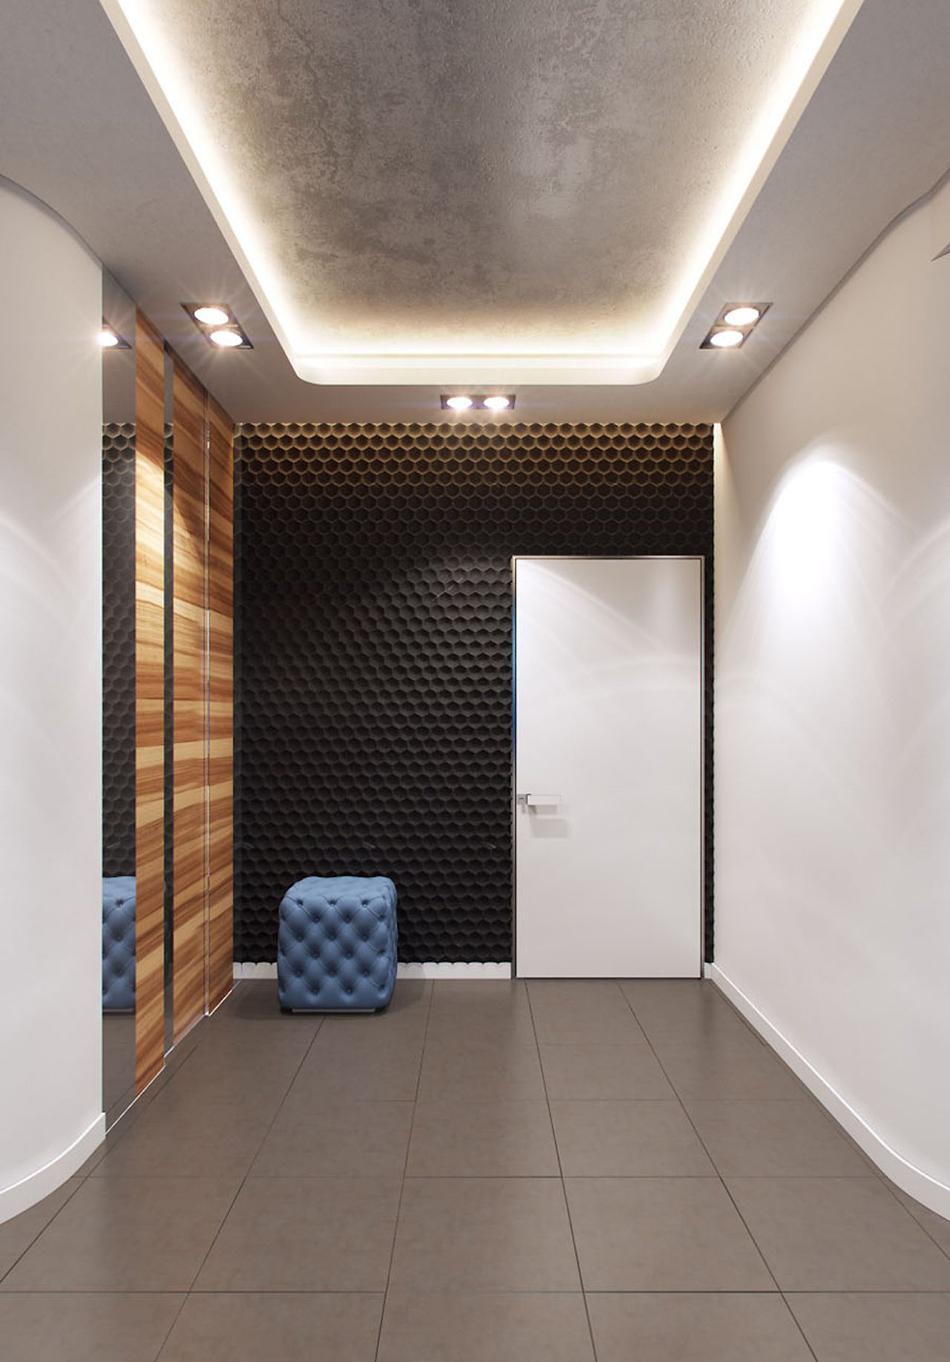 Двухуровневый потолок с точечным освещением и подсветкой в коридоре